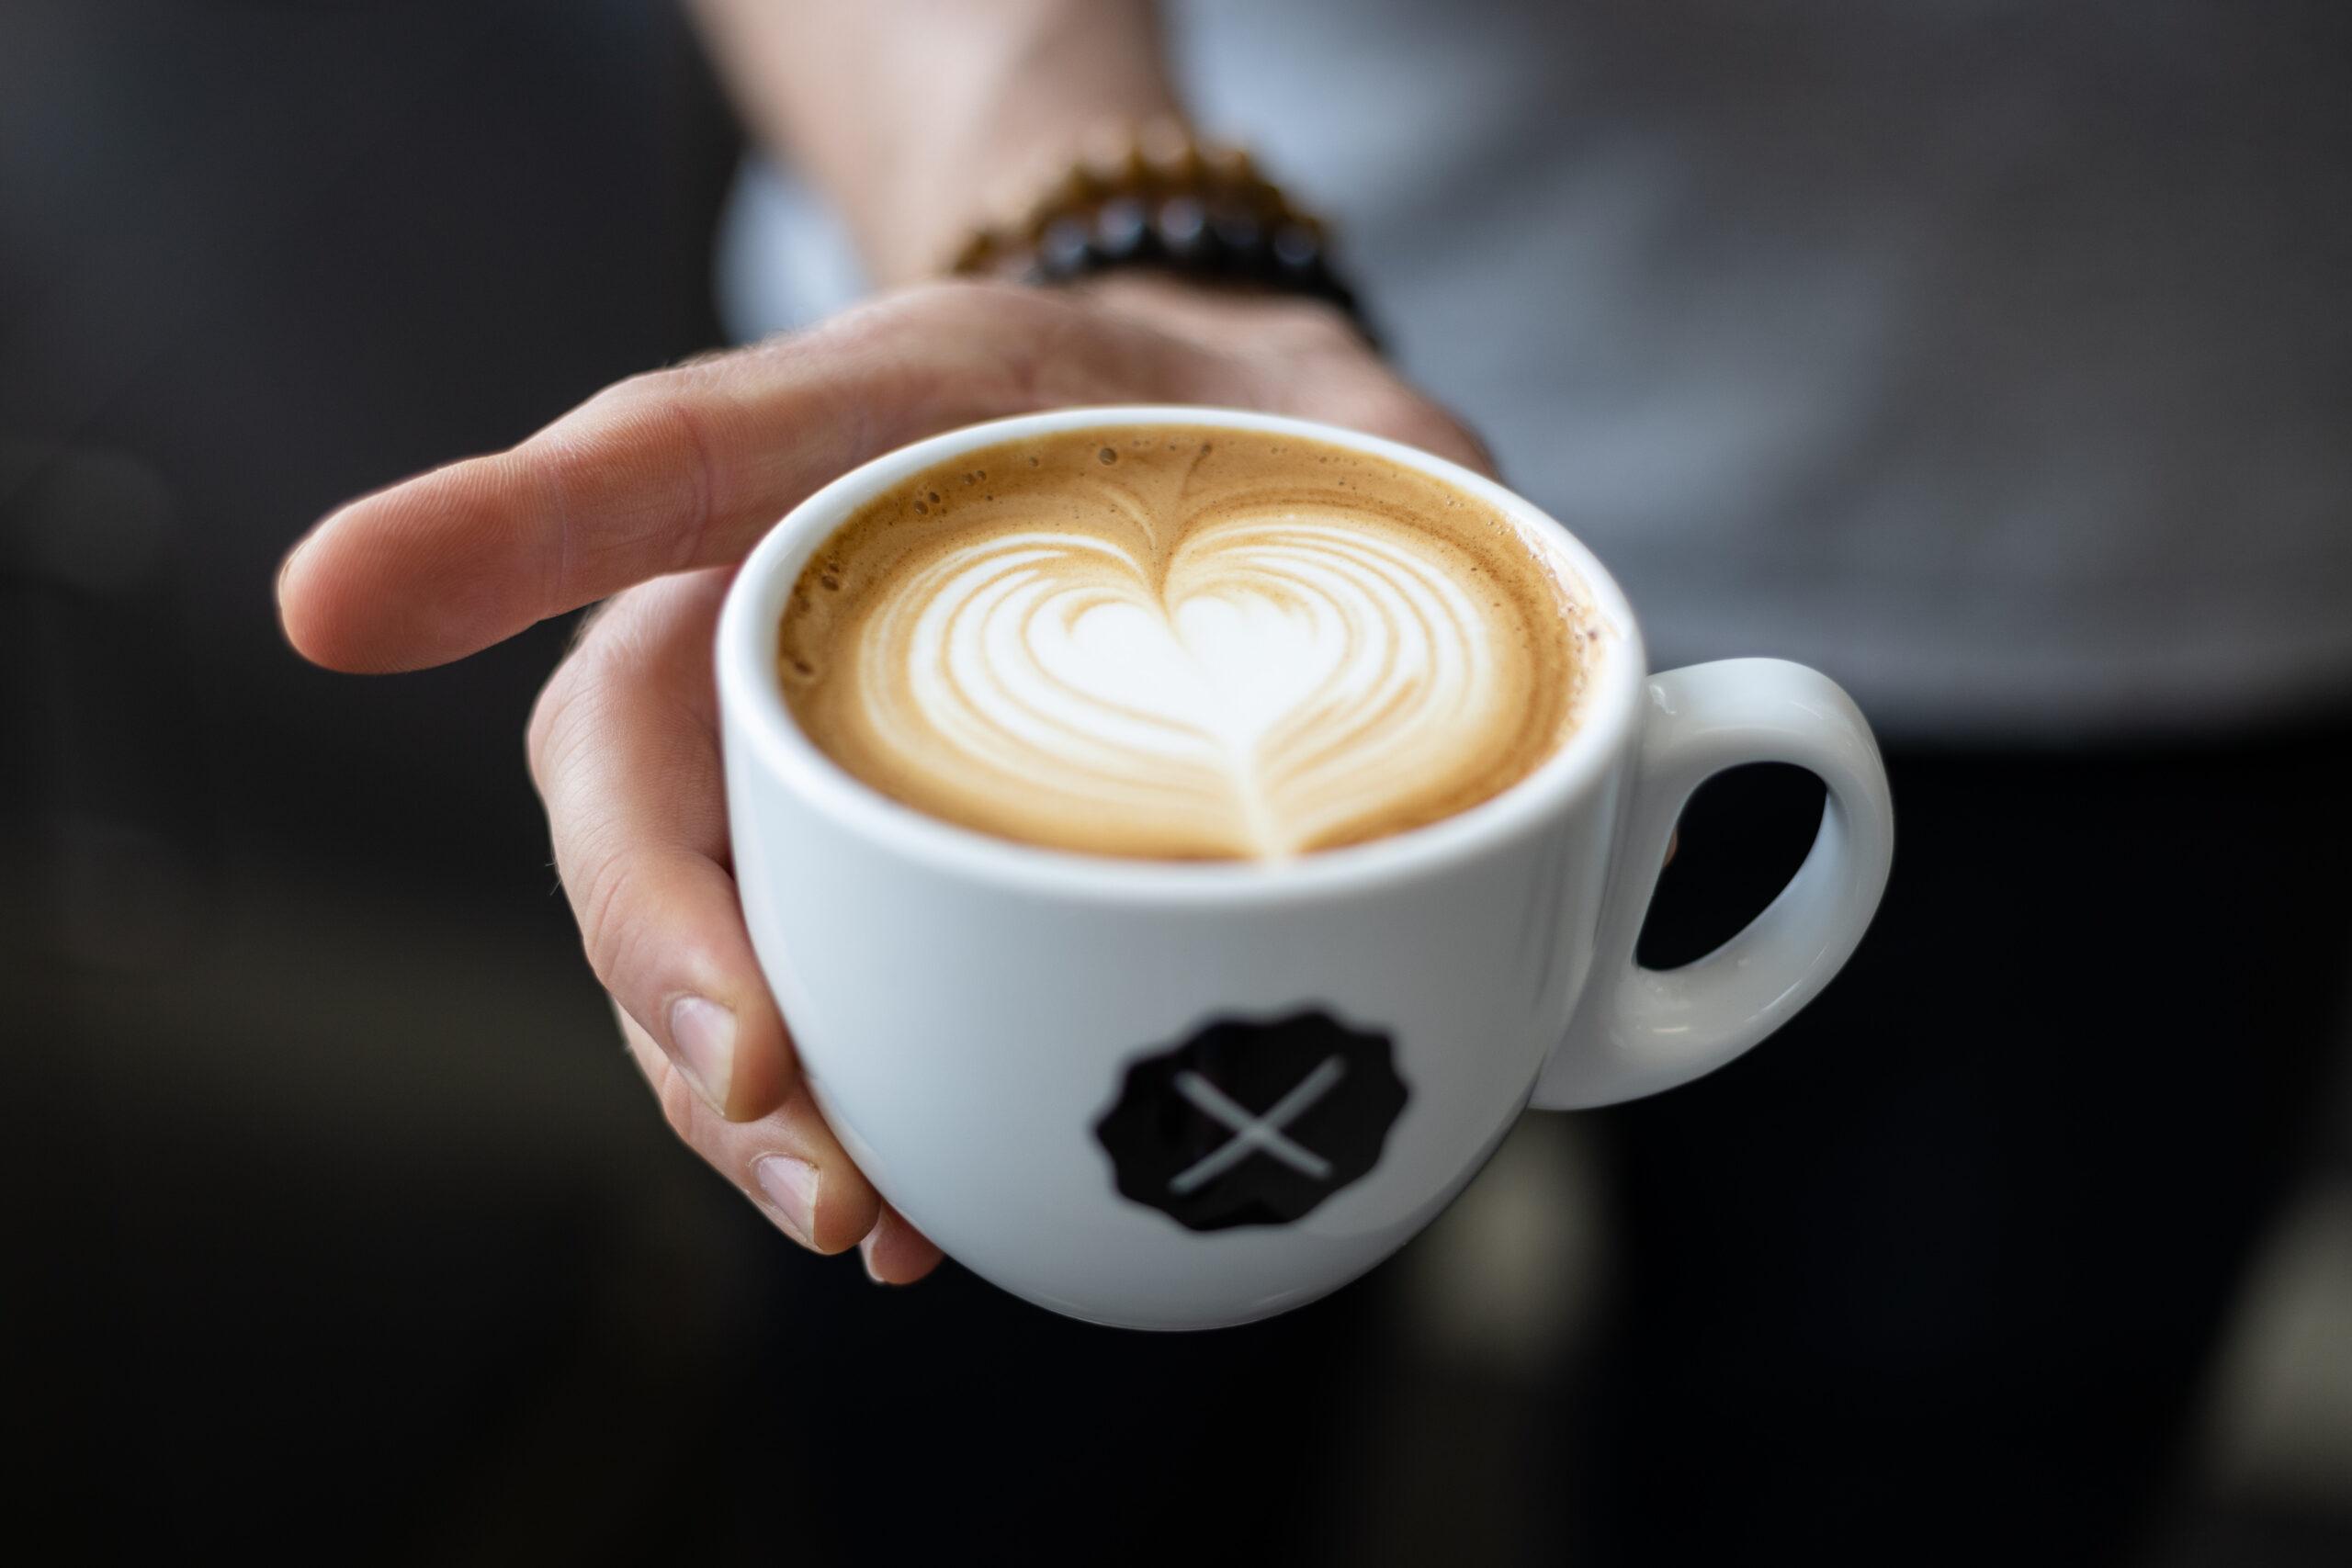 Latte Art Photo by Daniel Johle